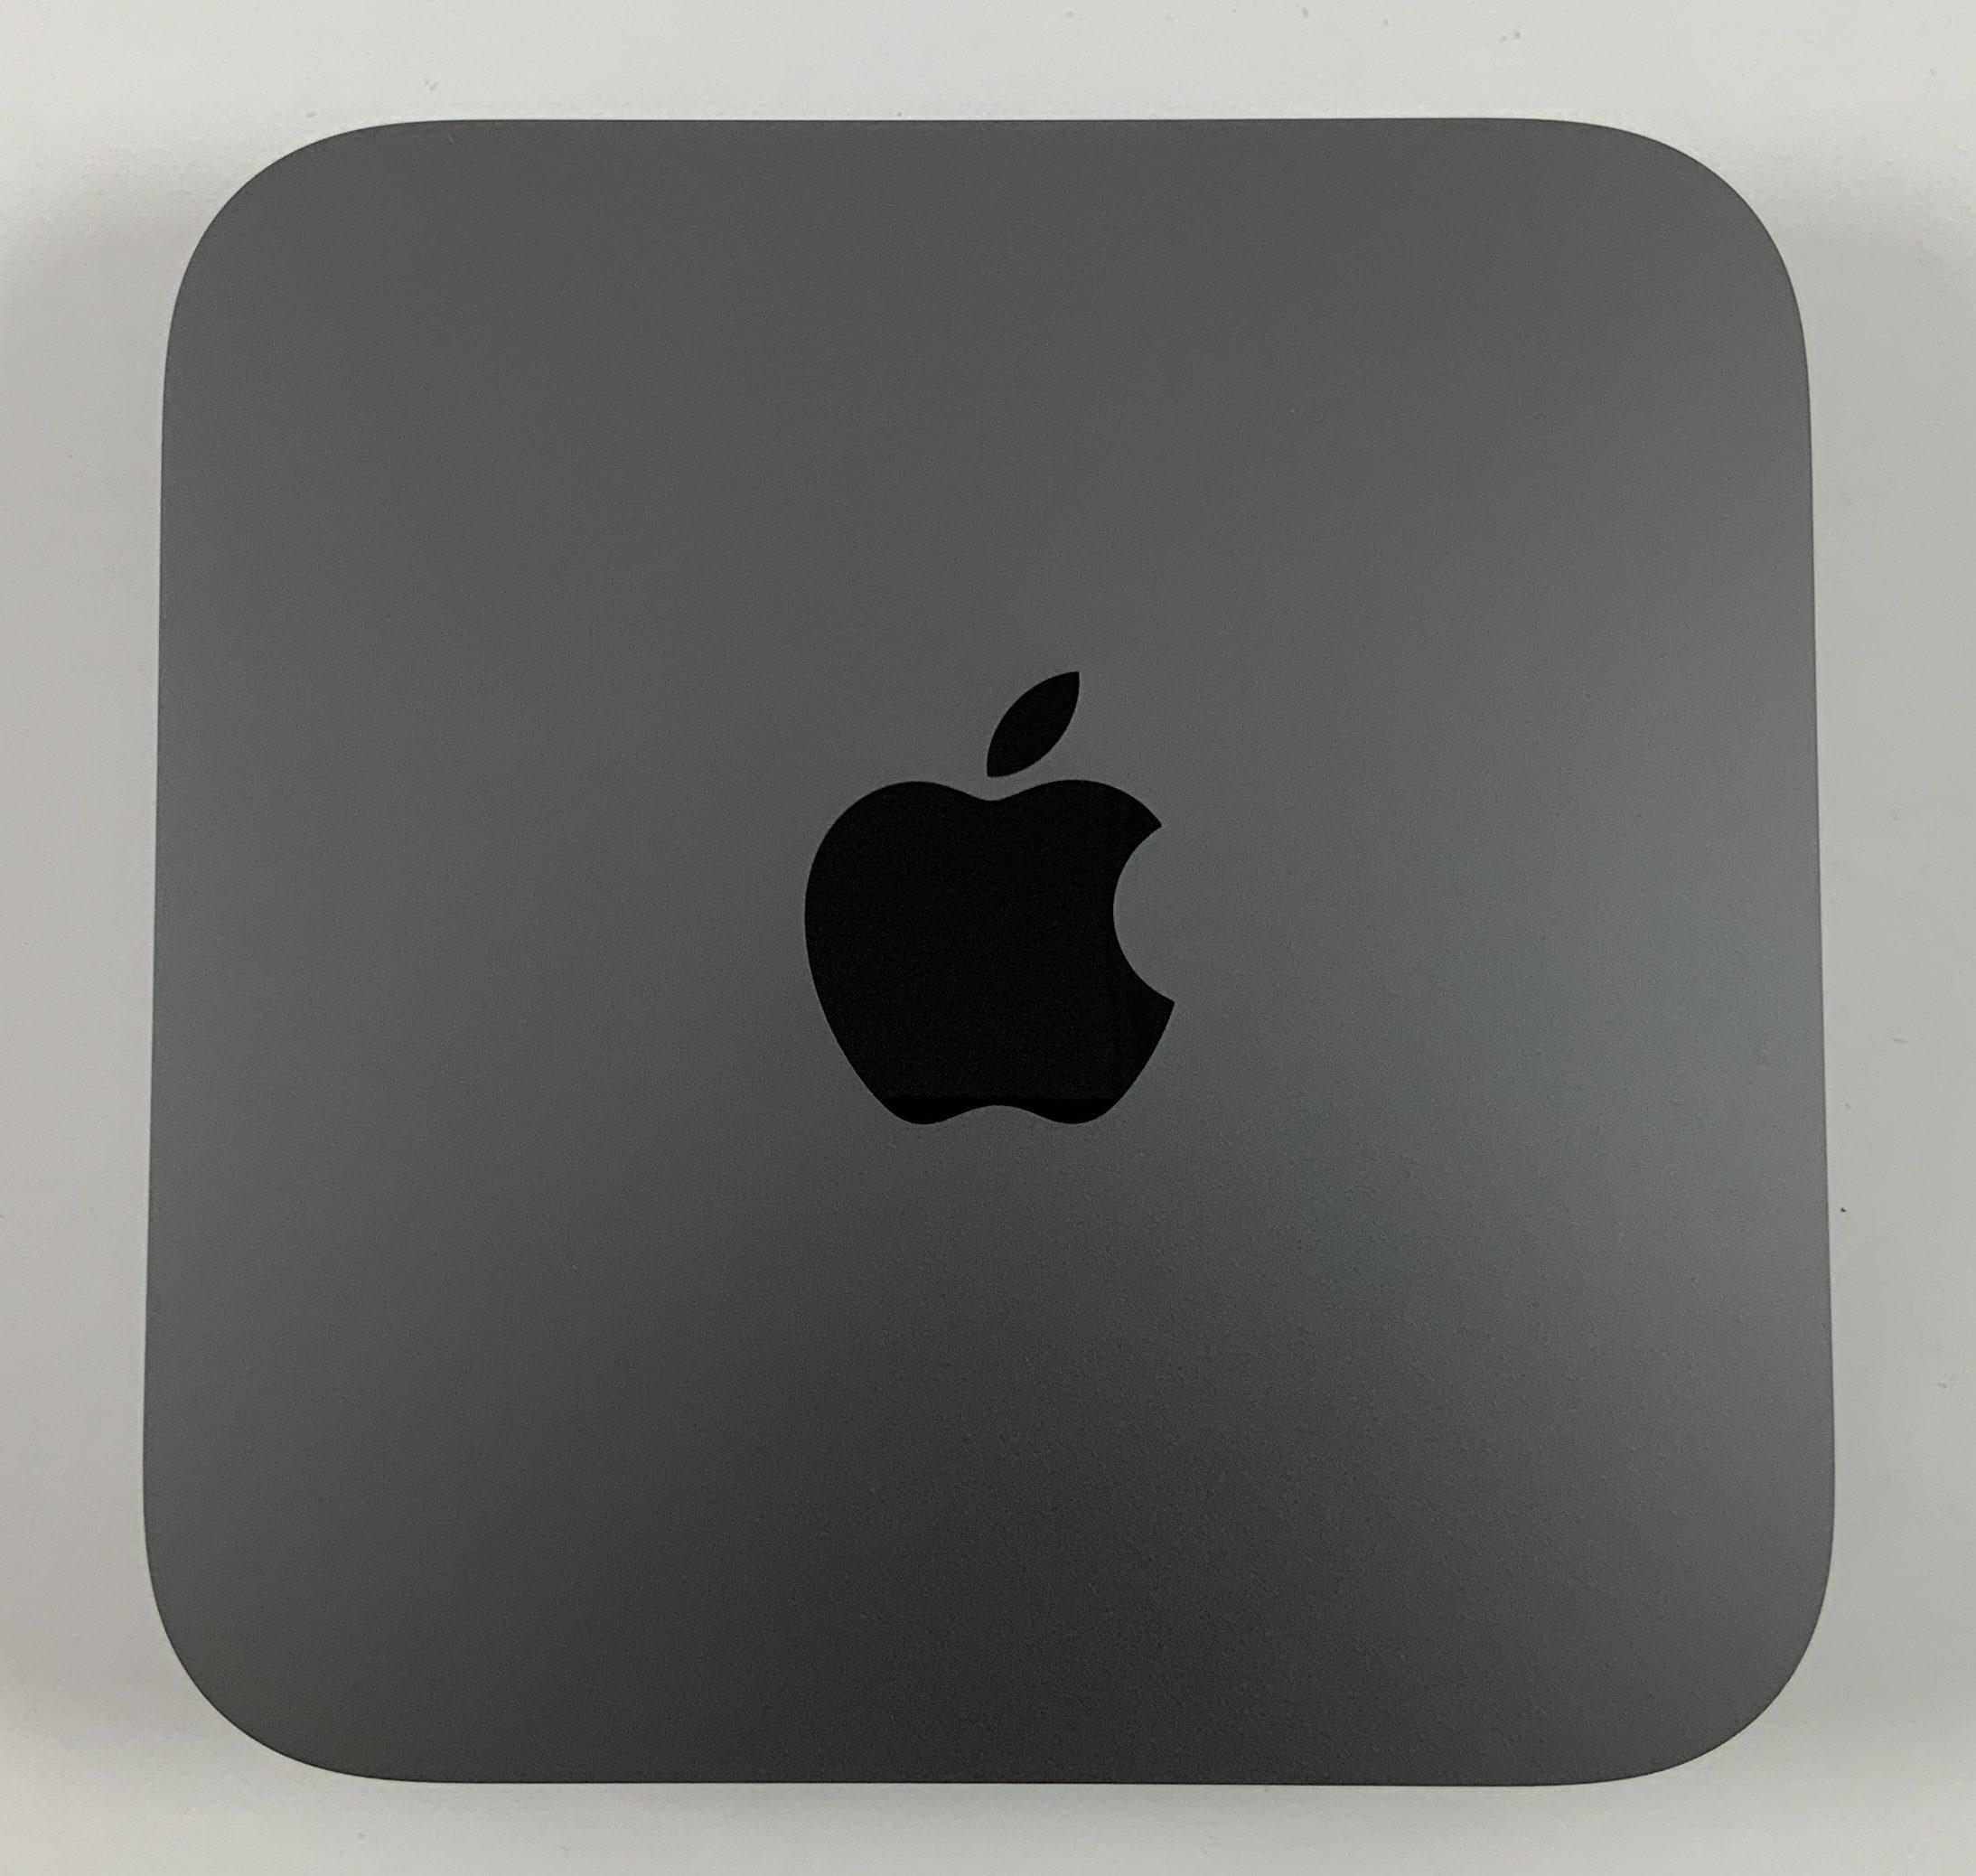 Mac Mini Late 2018 (Intel Quad-Core i3 3.6 GHz 16 GB RAM 128 GB SSD), Intel Quad-Core i3 3.6 GHz, 16 GB RAM, 128 GB SSD, image 3